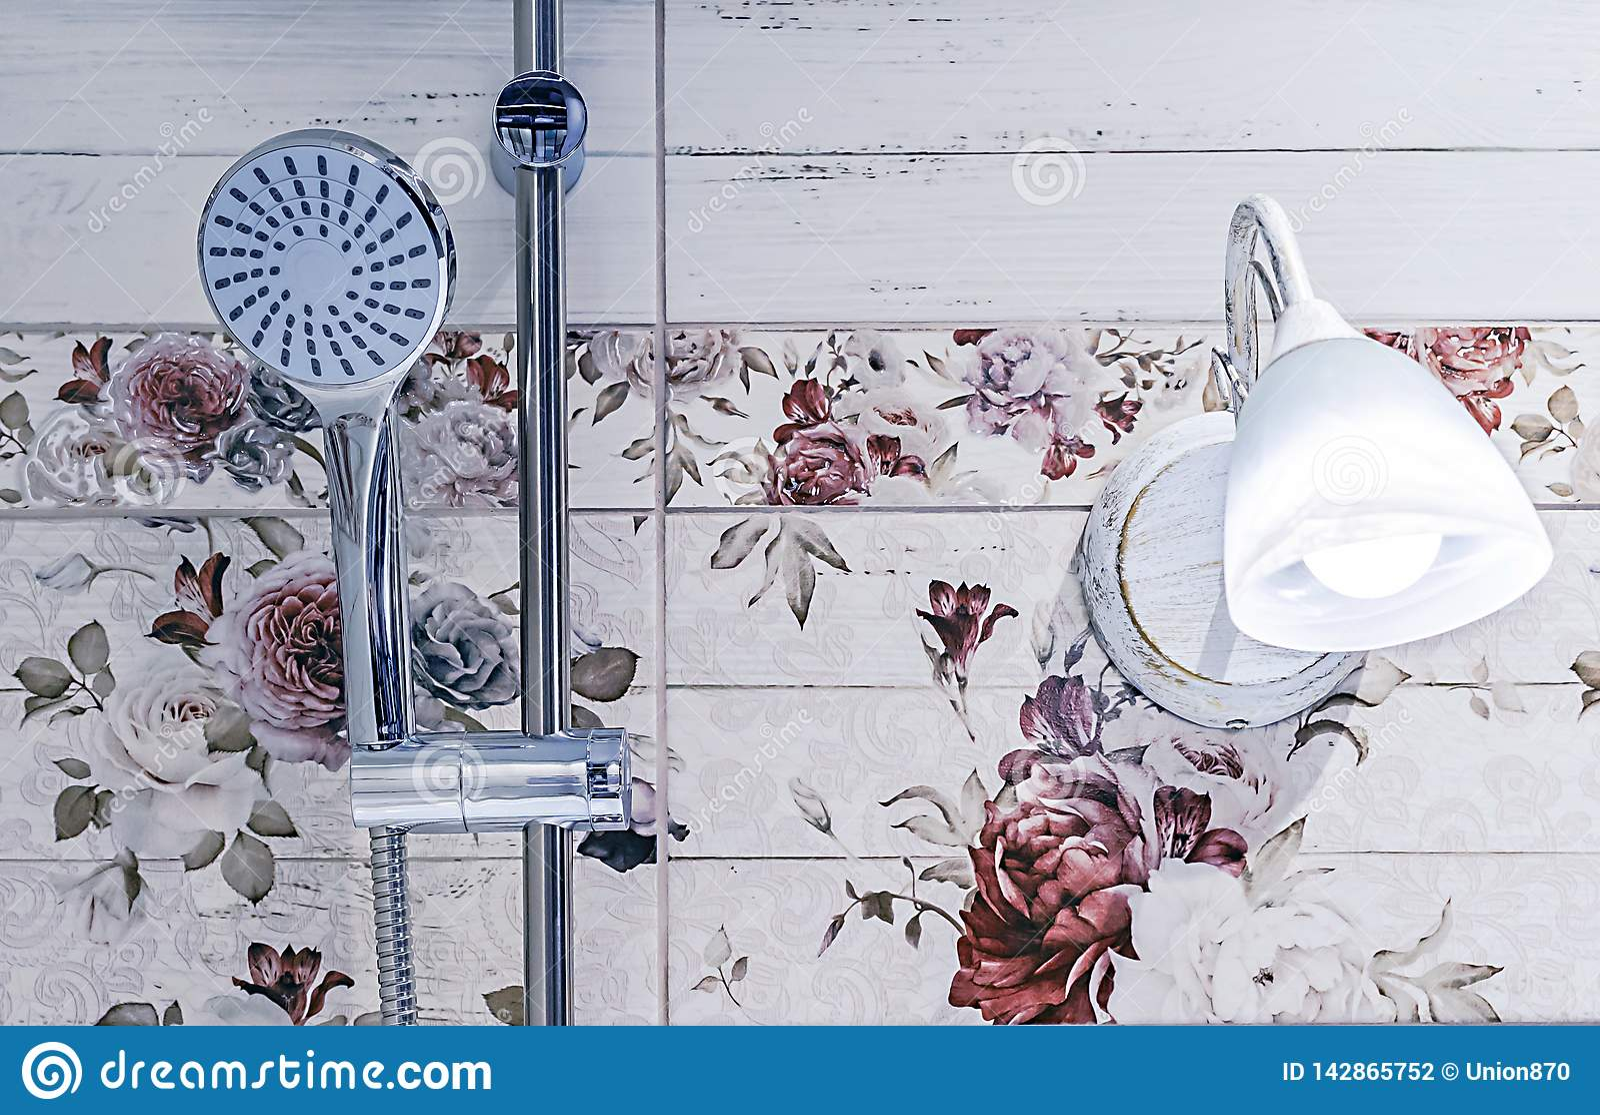 Chrome-Duschkopf im Badezimmerinnenraum